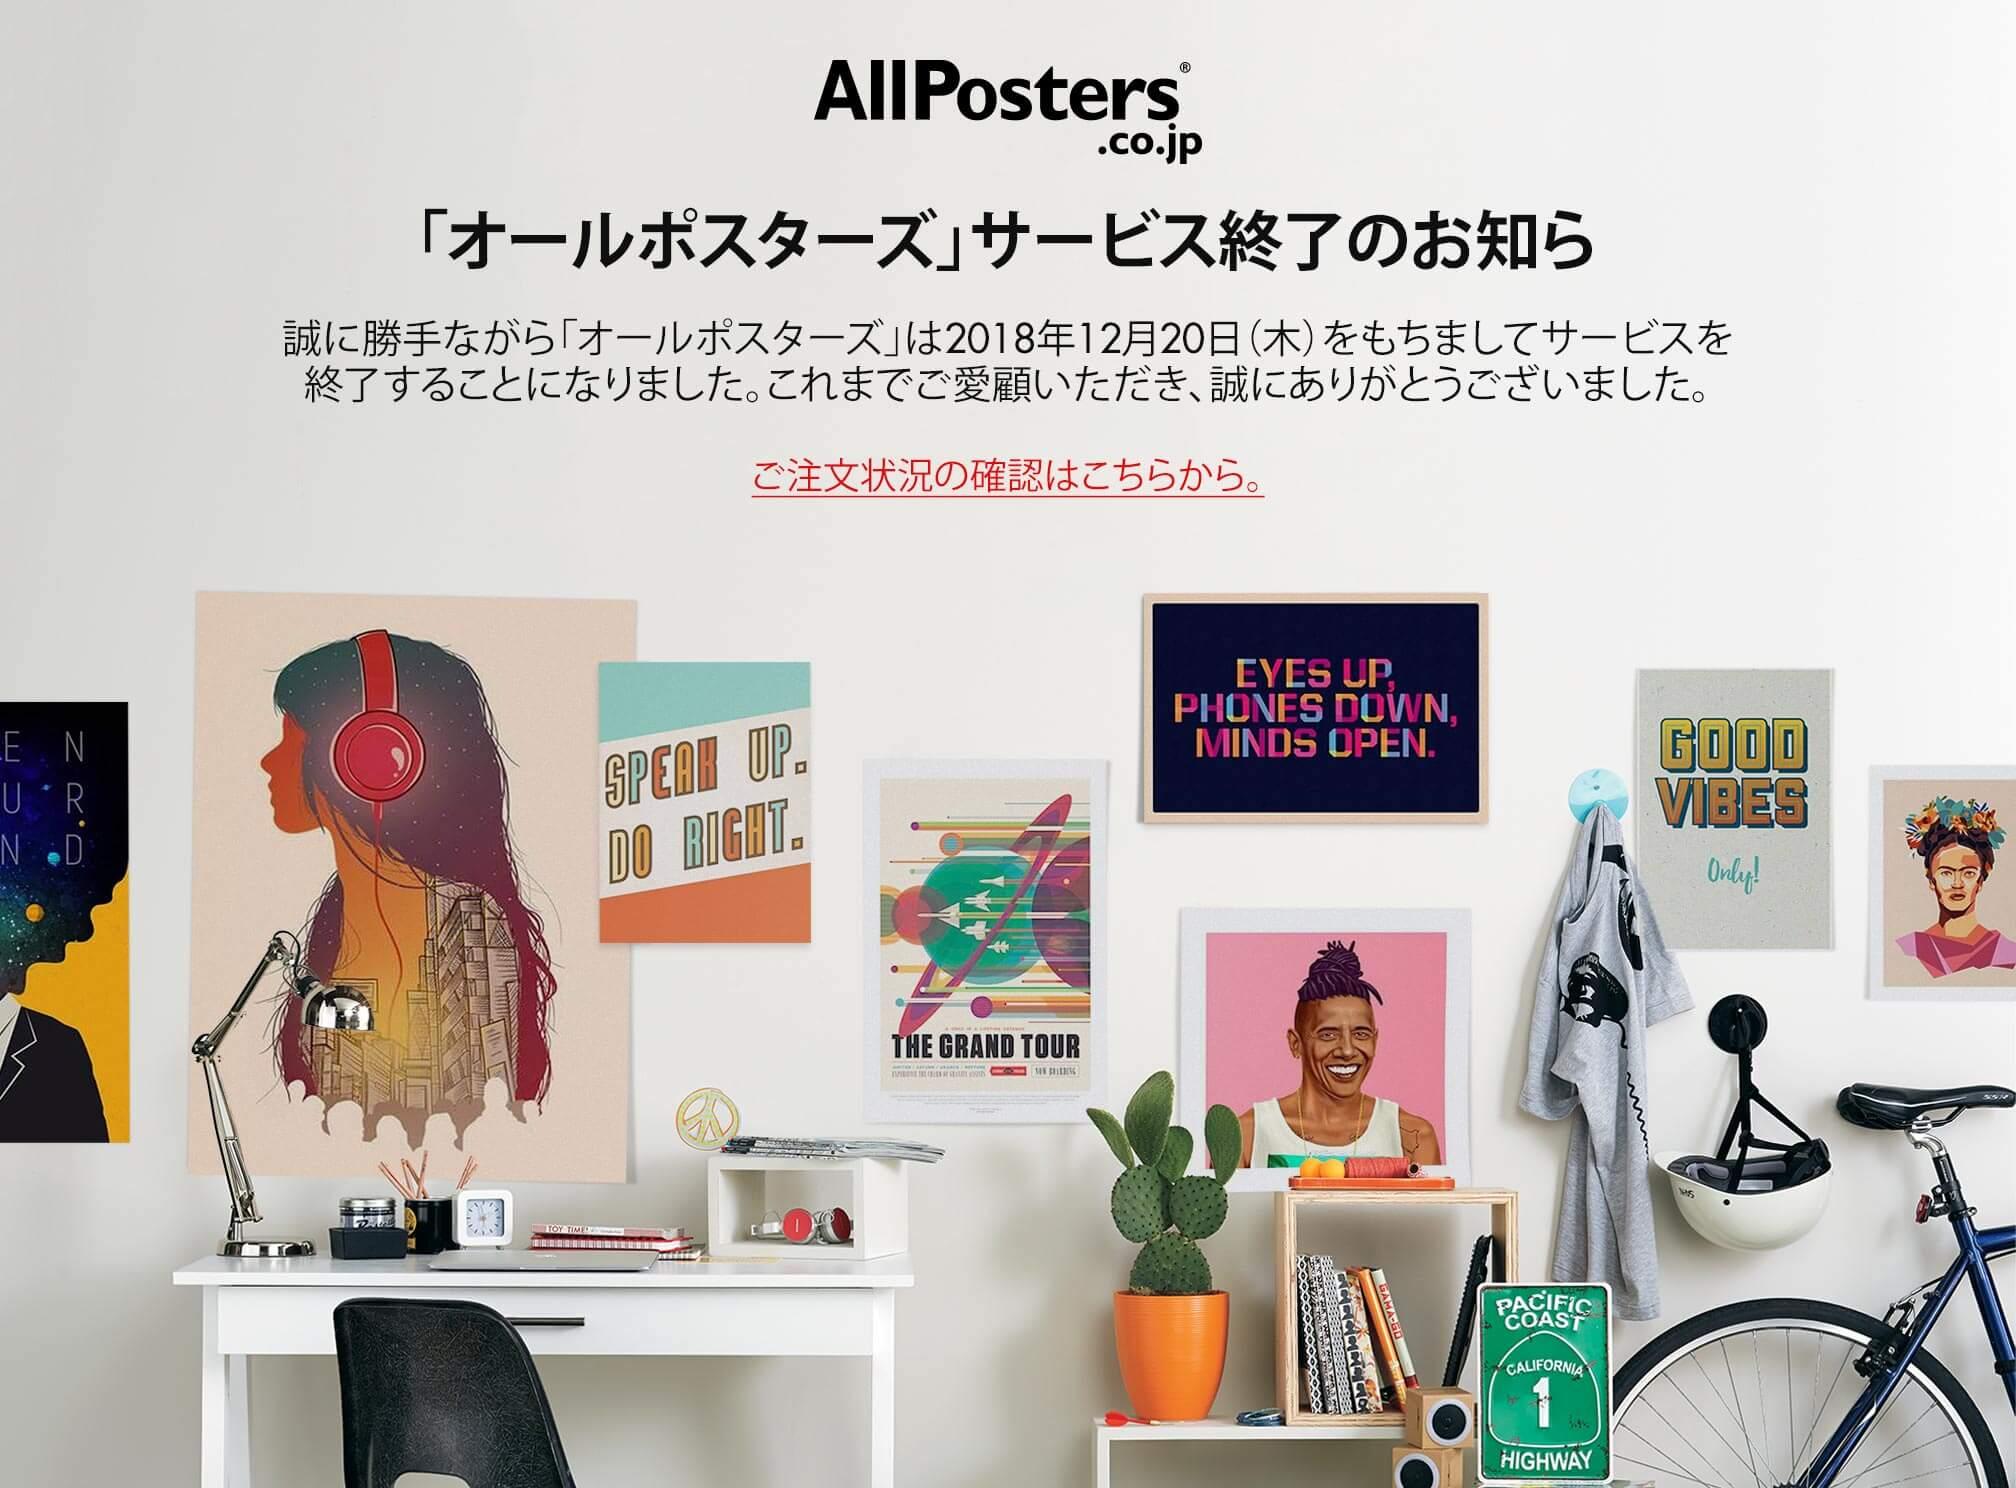 「オールポスターズ」サービス終了のお知らせ 誠に勝手ながら「オールポスターズ」は2018年12月20日(木)をもちましてサービスを終了することになりました。これまでご愛顧いただき、誠にありがとうございました。 ご注文状況の確認はこちらから。